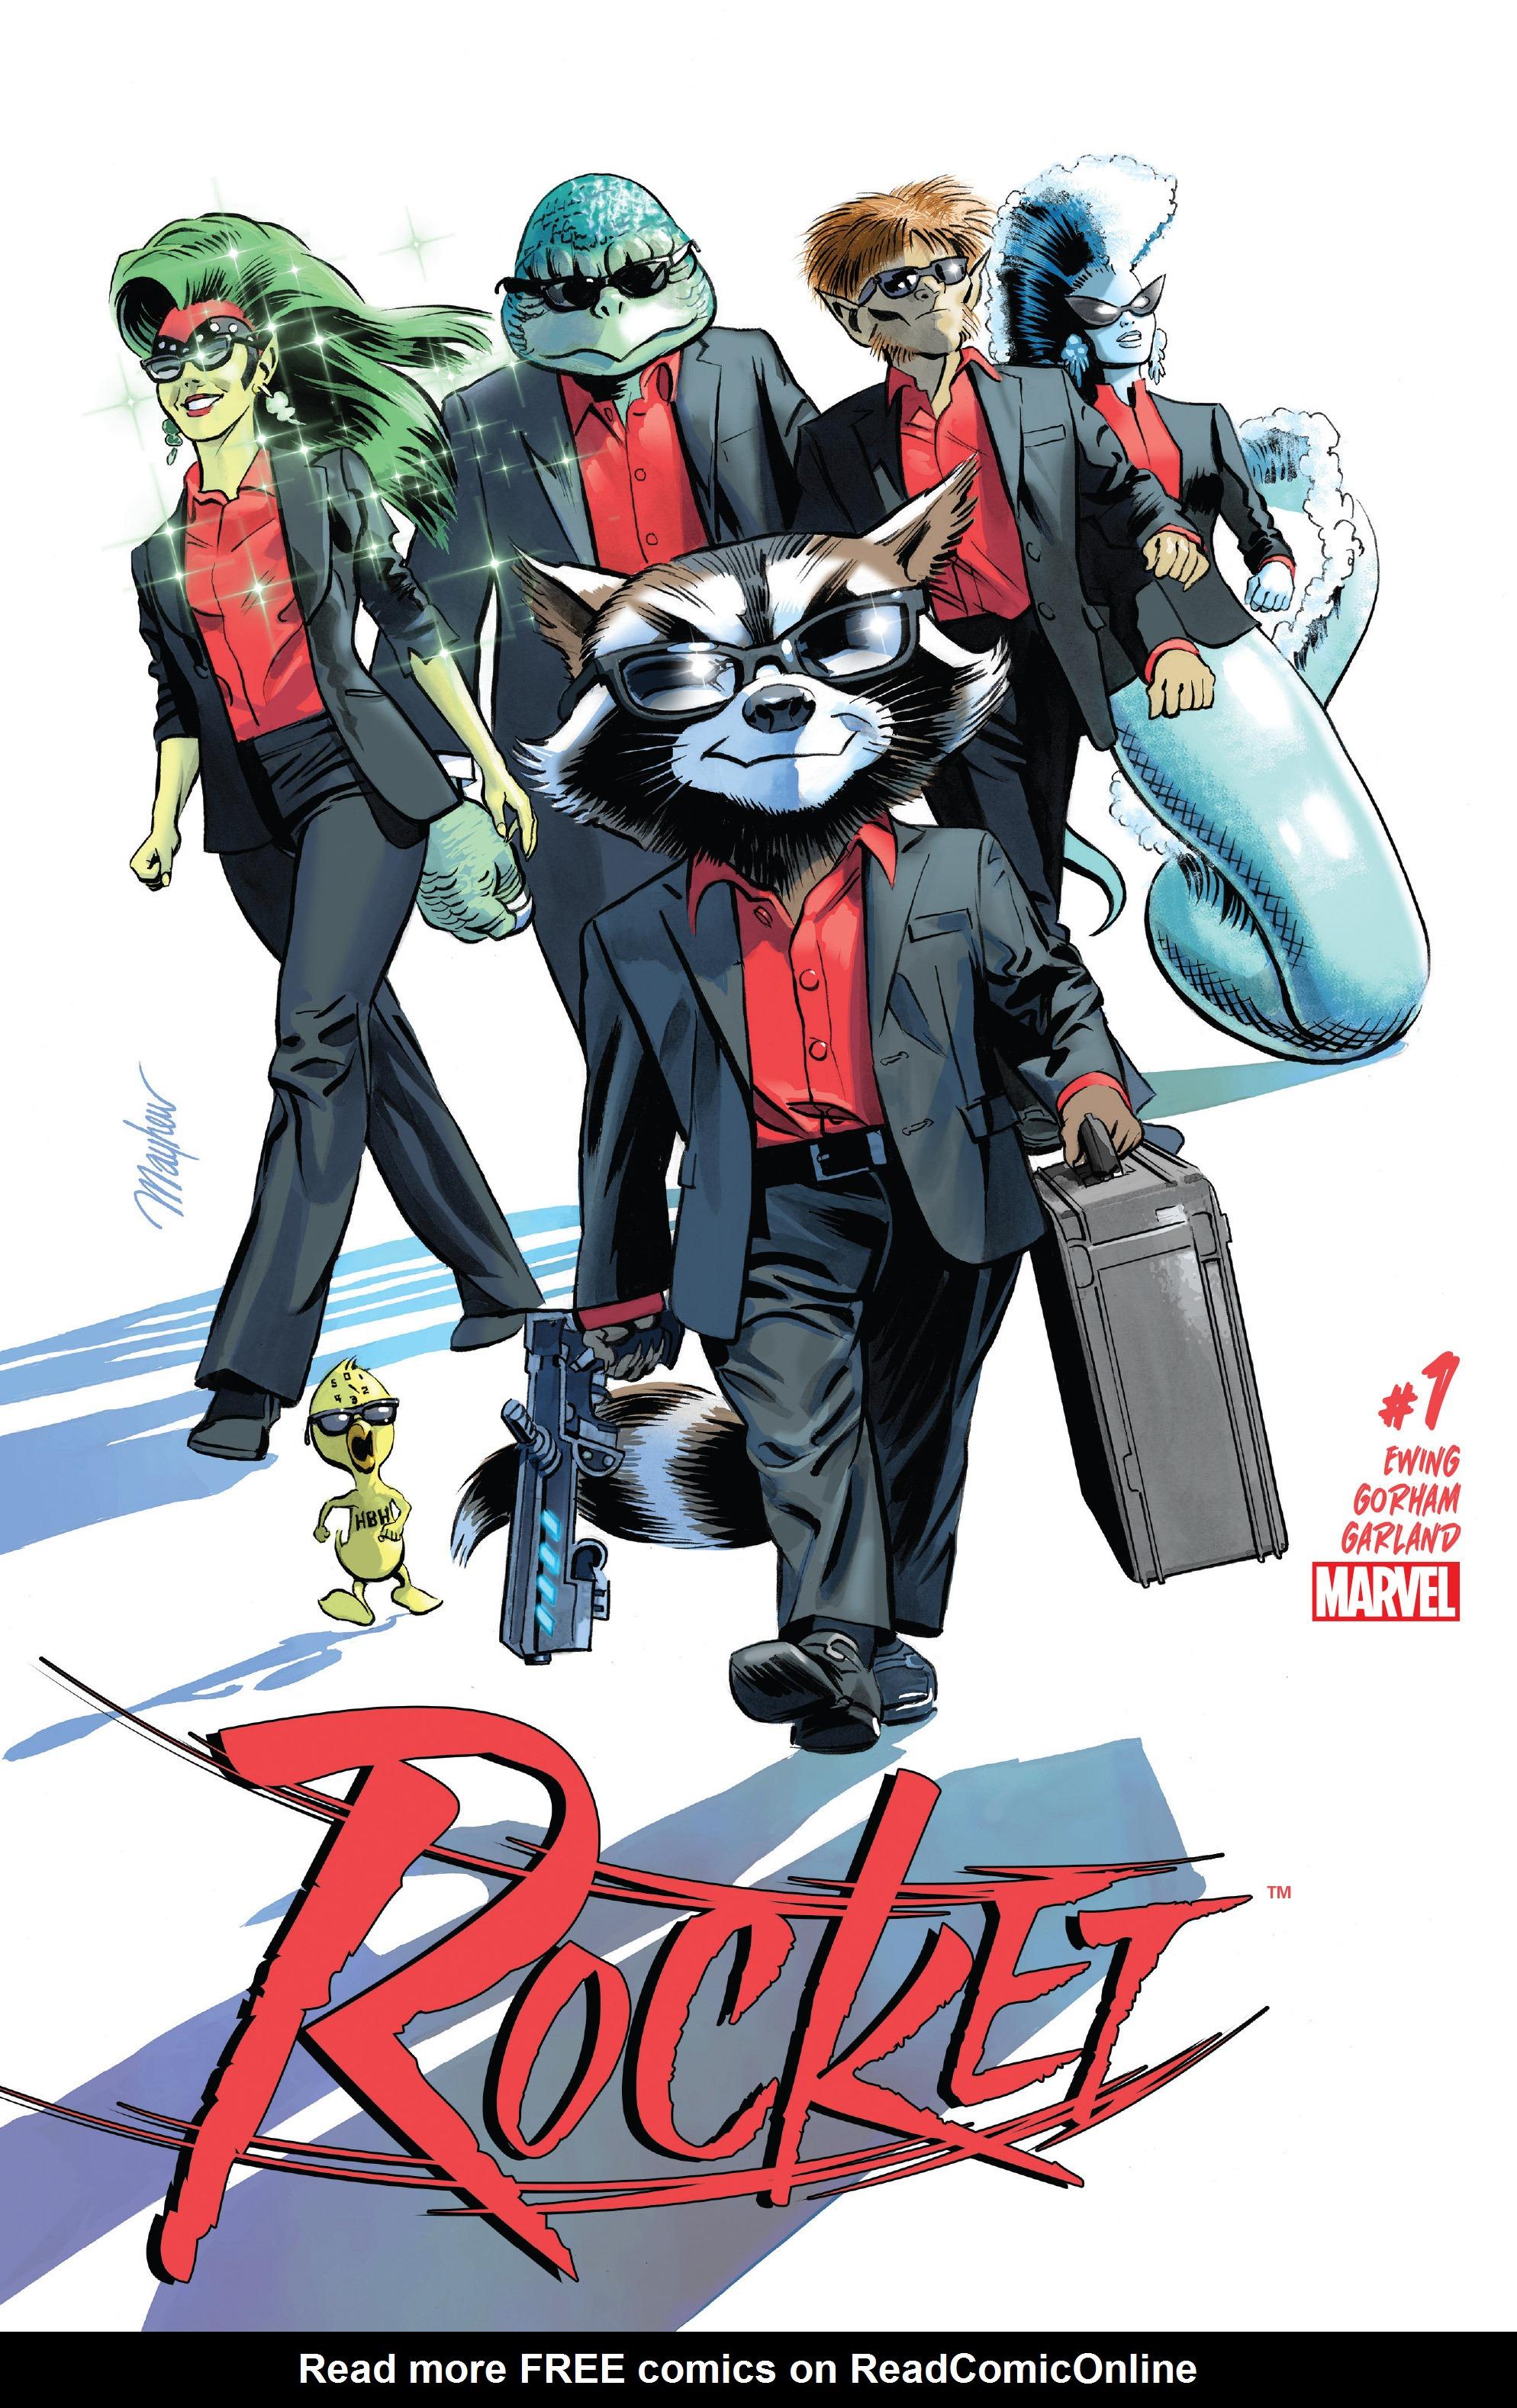 Read online Rocket comic -  Issue #1 - 1